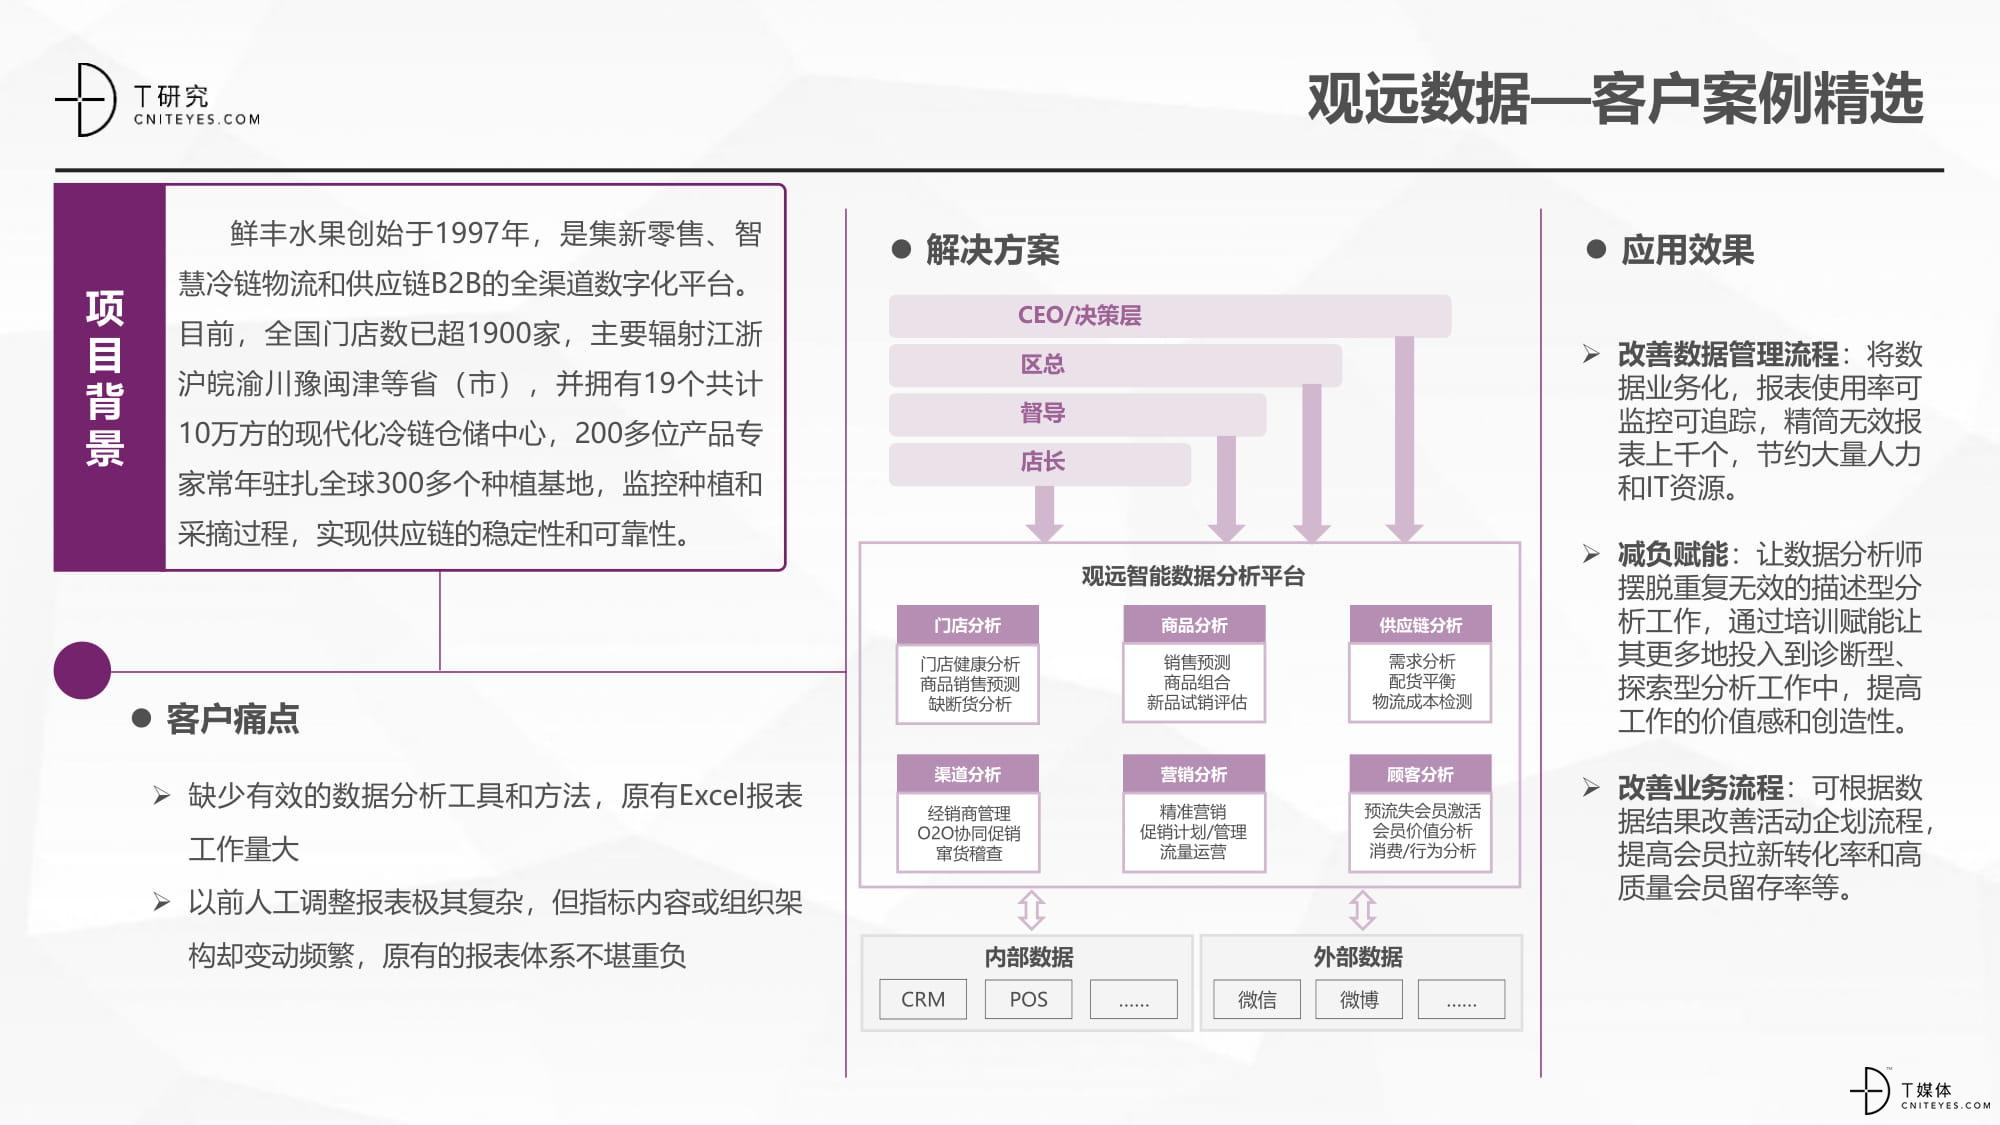 2020中国BI指数测评报告-27.jpg